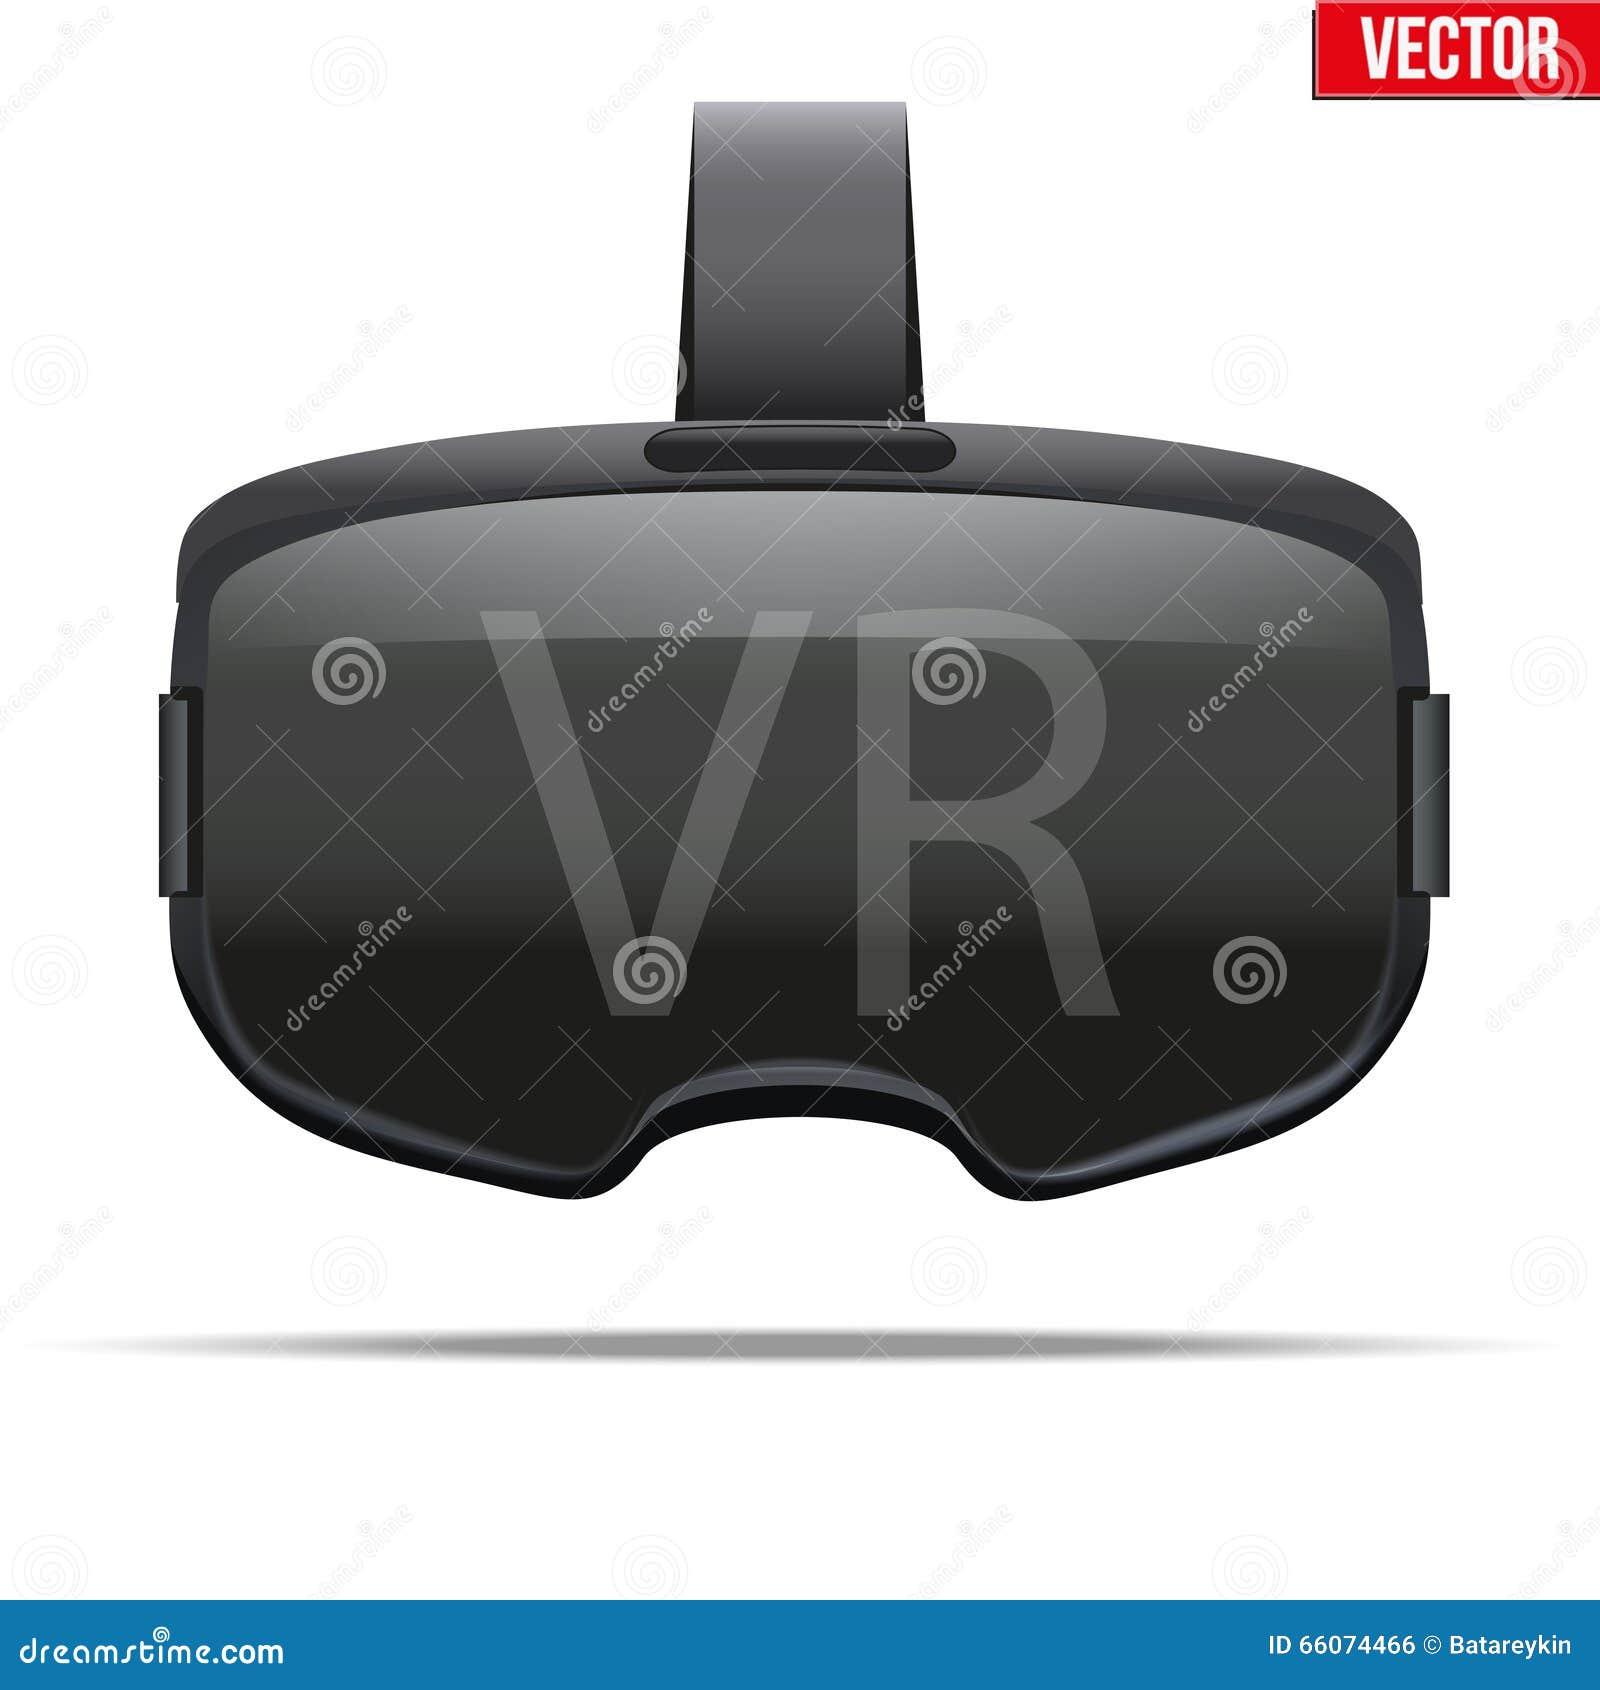 Auriculares estereoscópicas originales de 3d VR